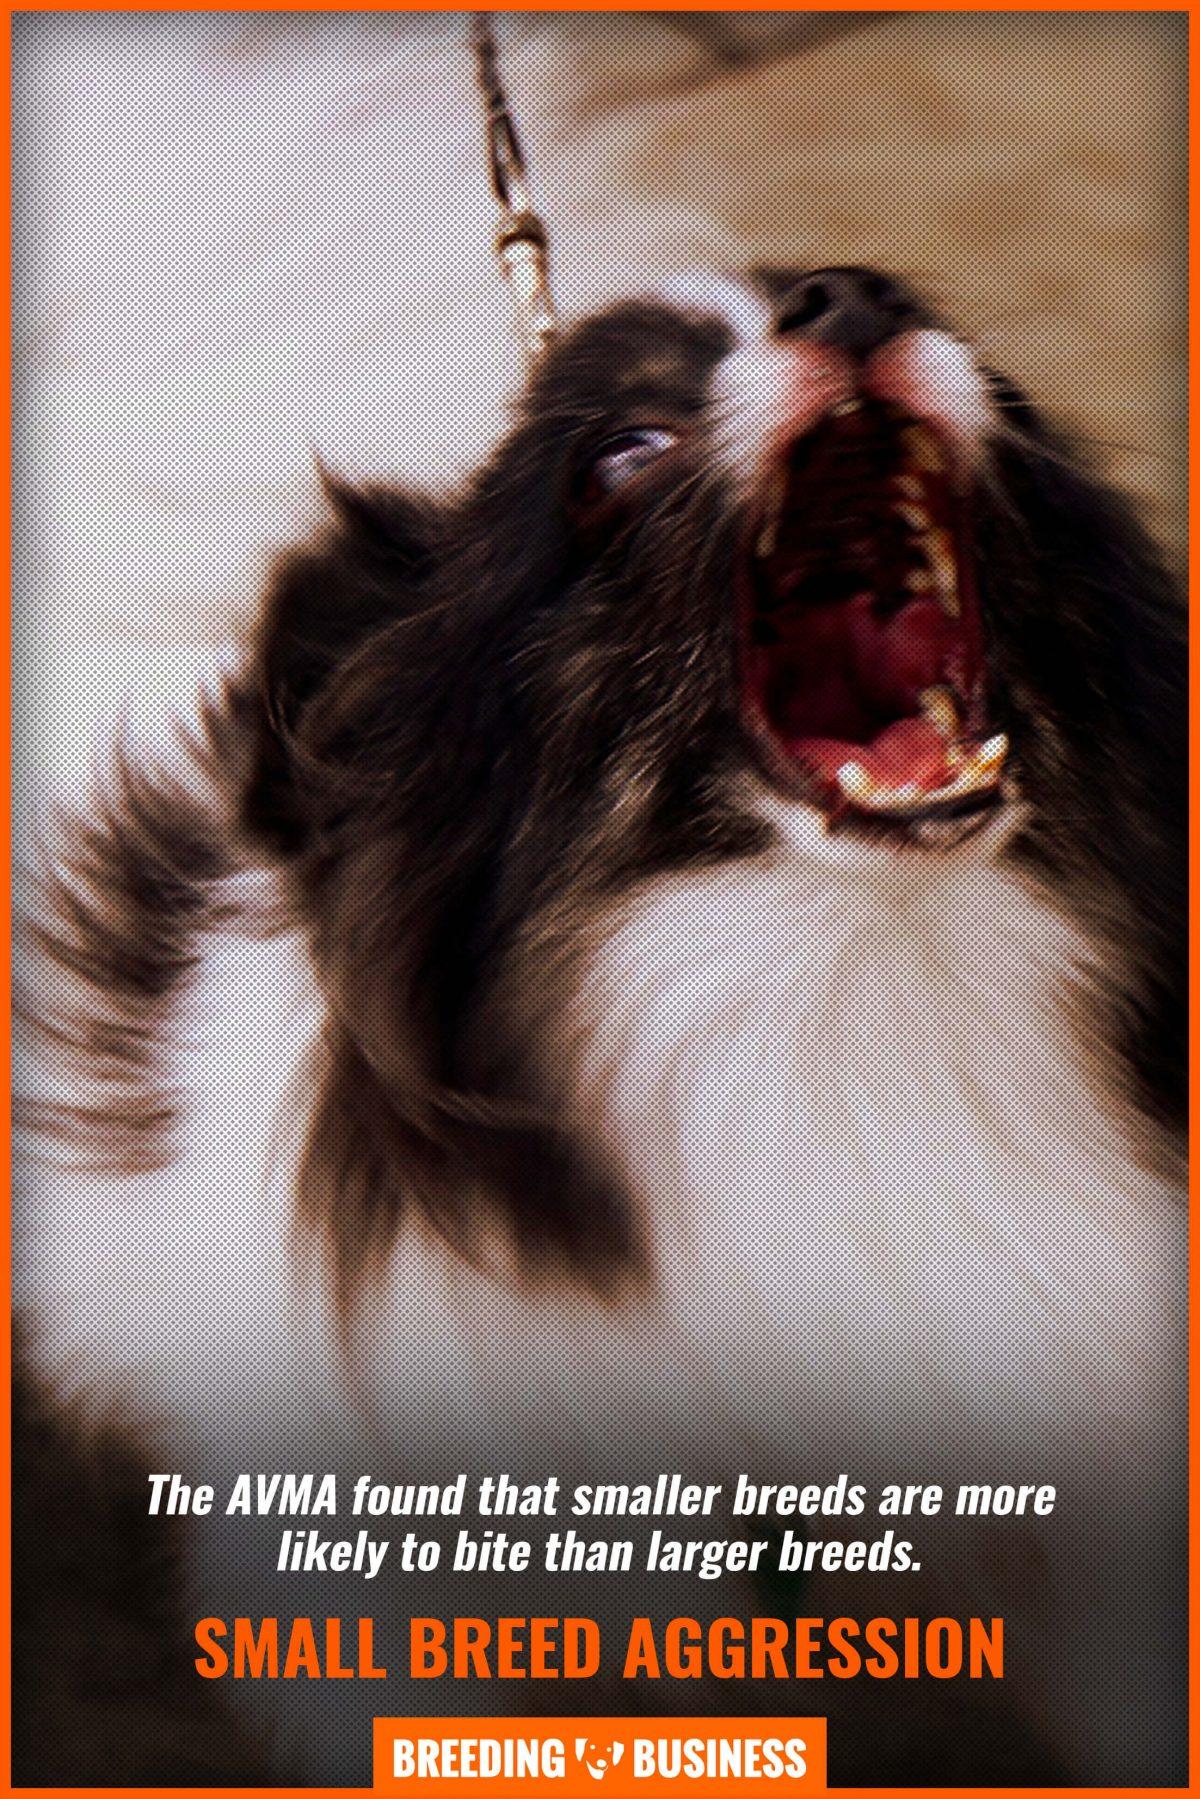 small breed aggression